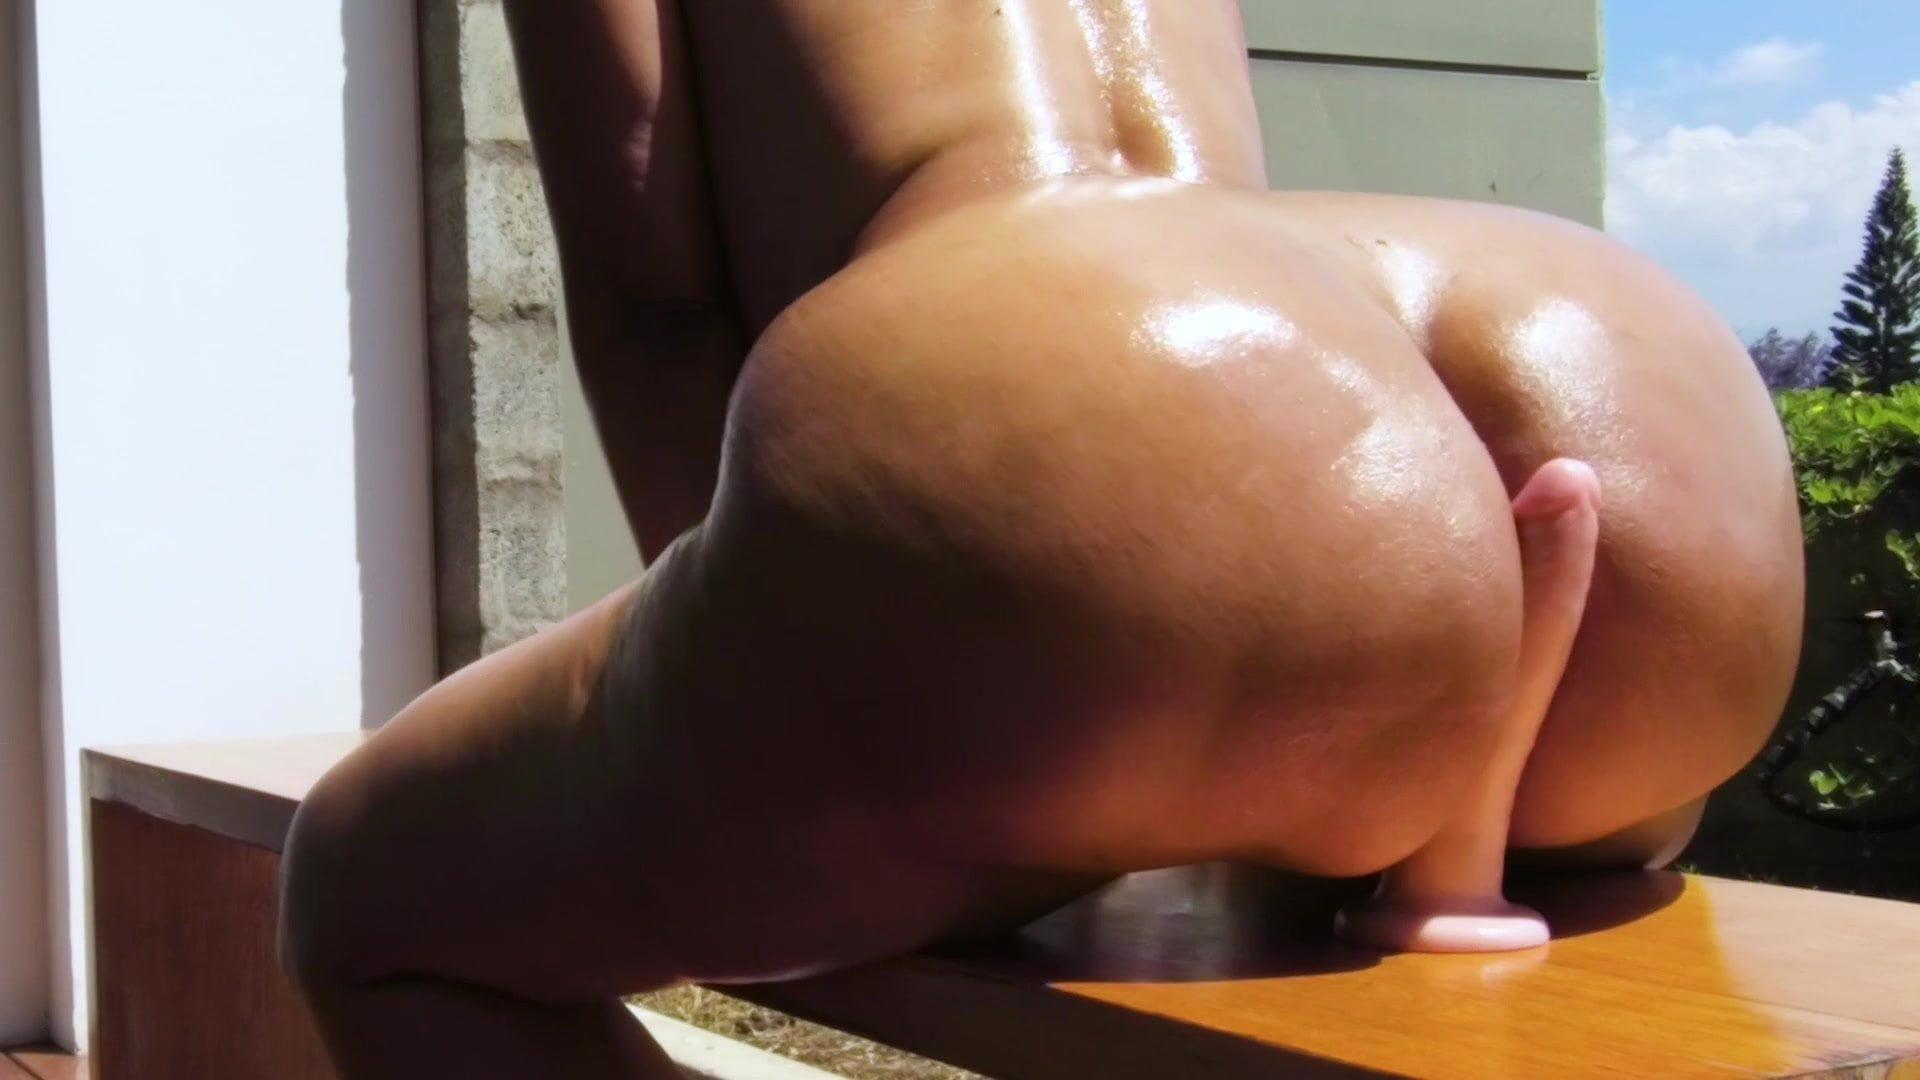 oiled ass riding big dildo